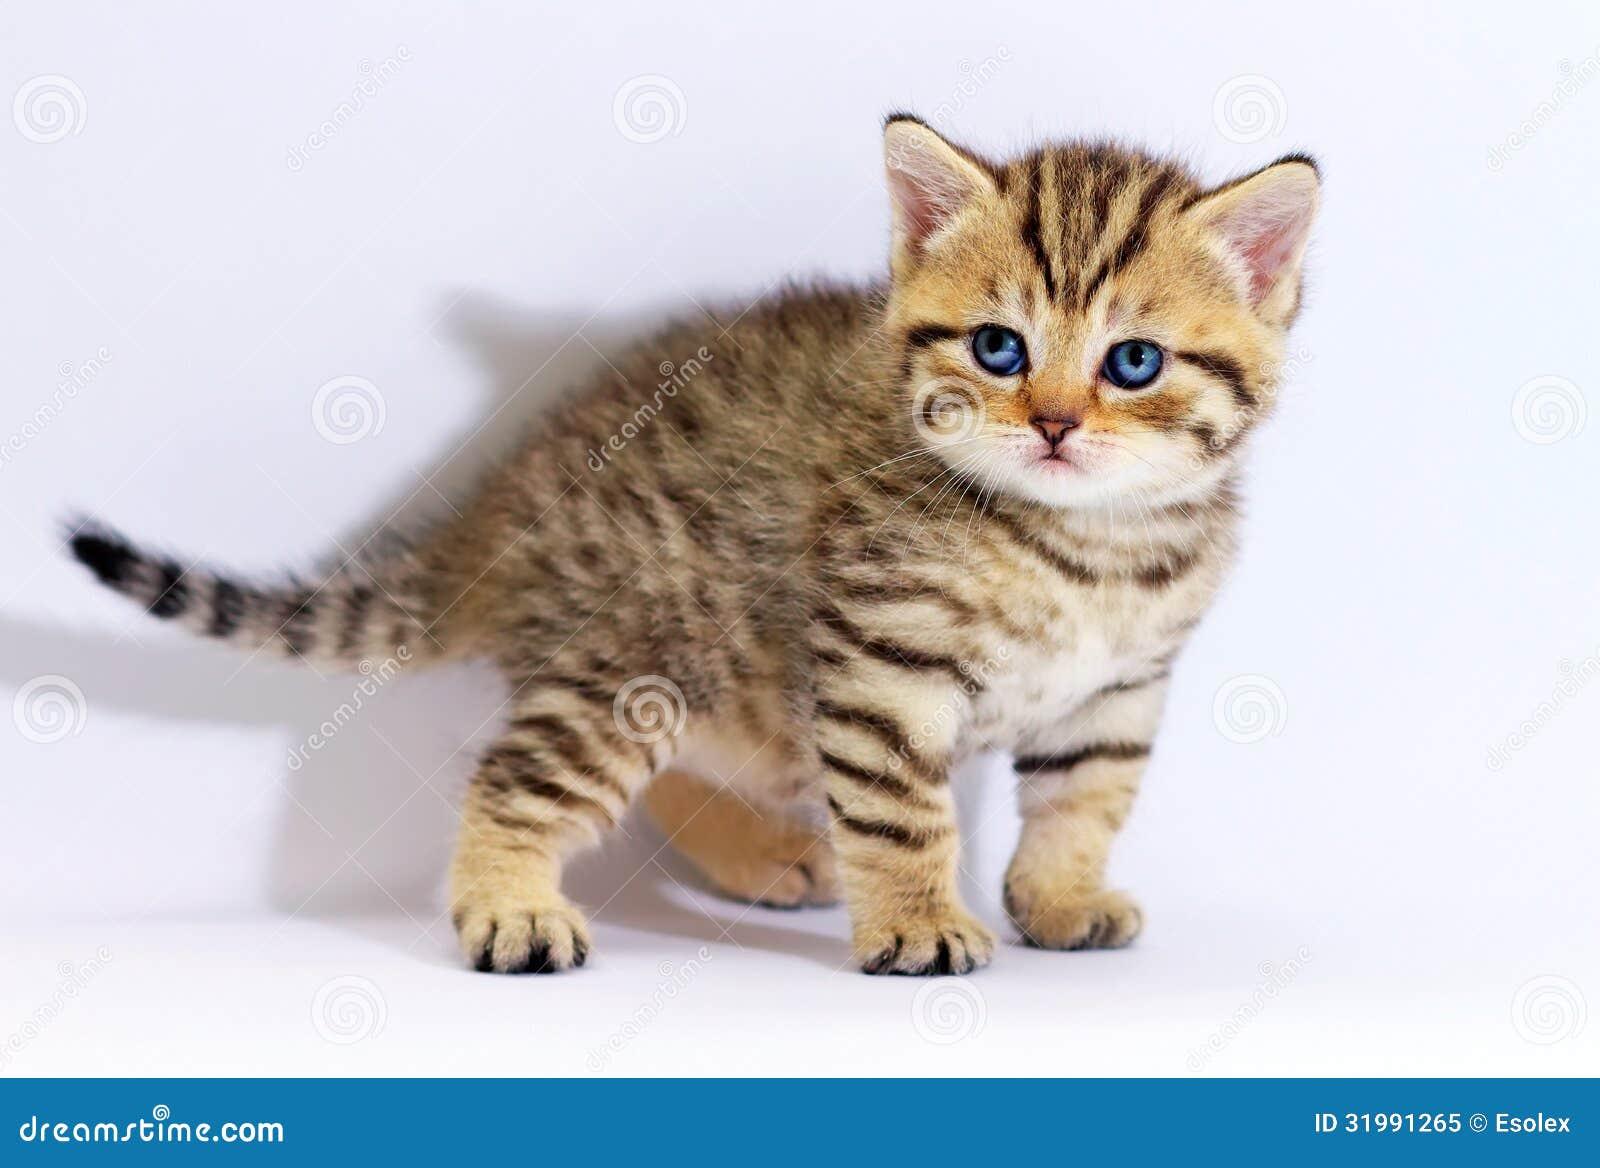 Chaton cossais ray avec des yeux bleus photo libre de droits image 31991265 - Enlever les puces sur un chaton ...